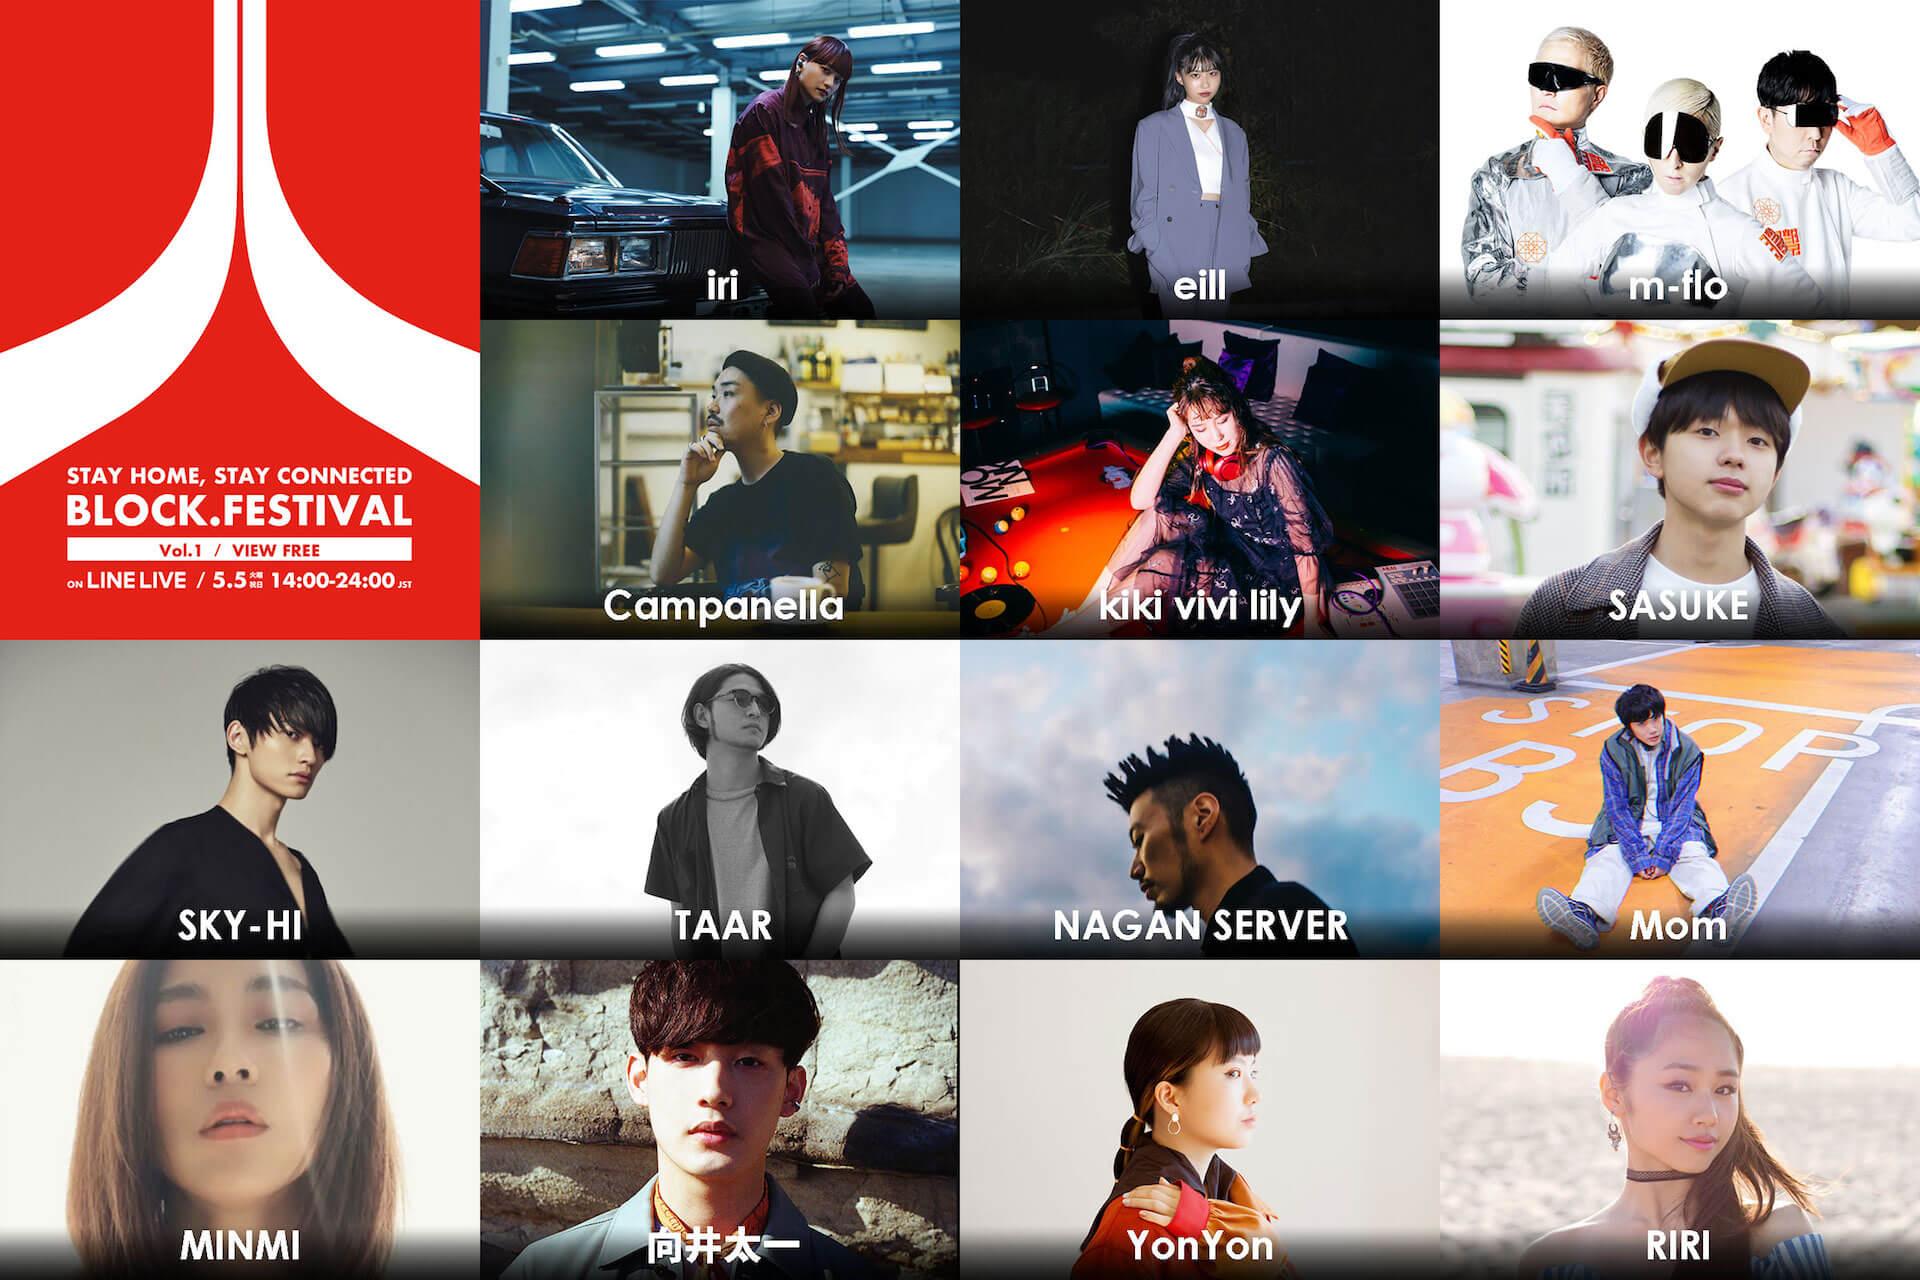 オンライン音楽フェス<BLOCK.FESTIVAL>Vol.1にiri、m-flo、向井太一など14組が出演決定!第1弾ラインナップ発表 music200428_blockfestival_2